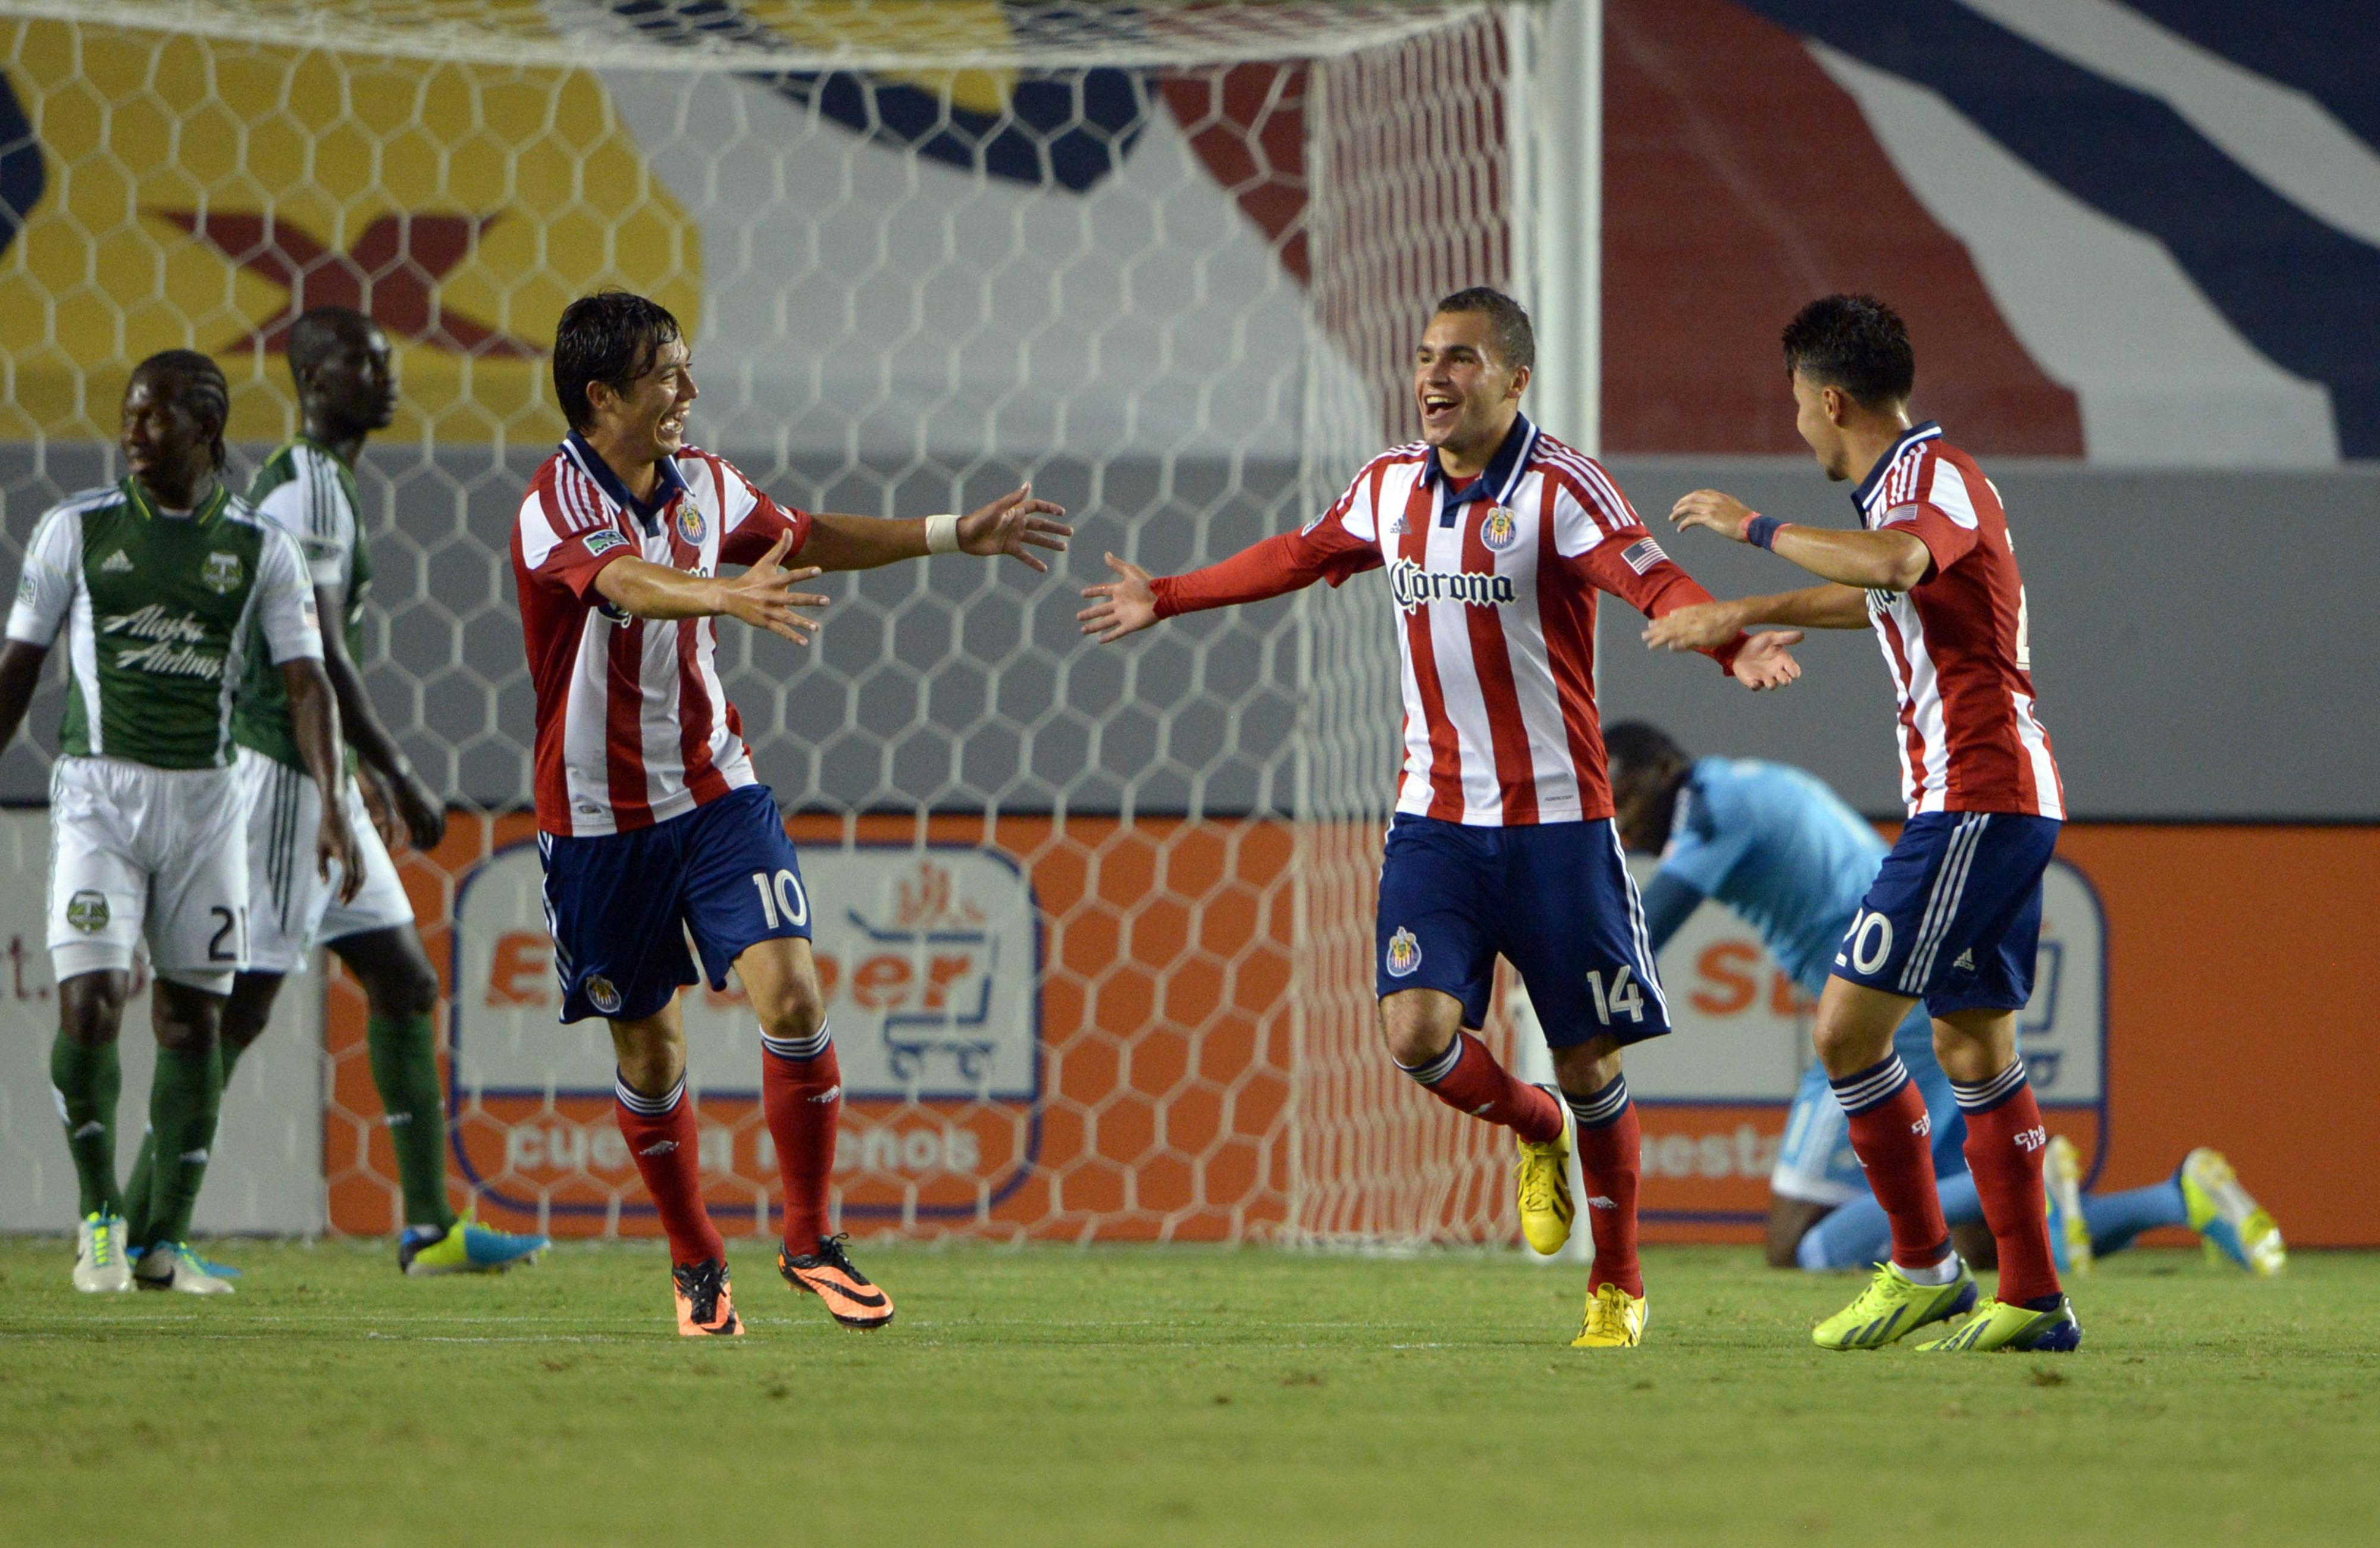 Cubo Torres, Bryan de la Fuente and Carlos Alvarez